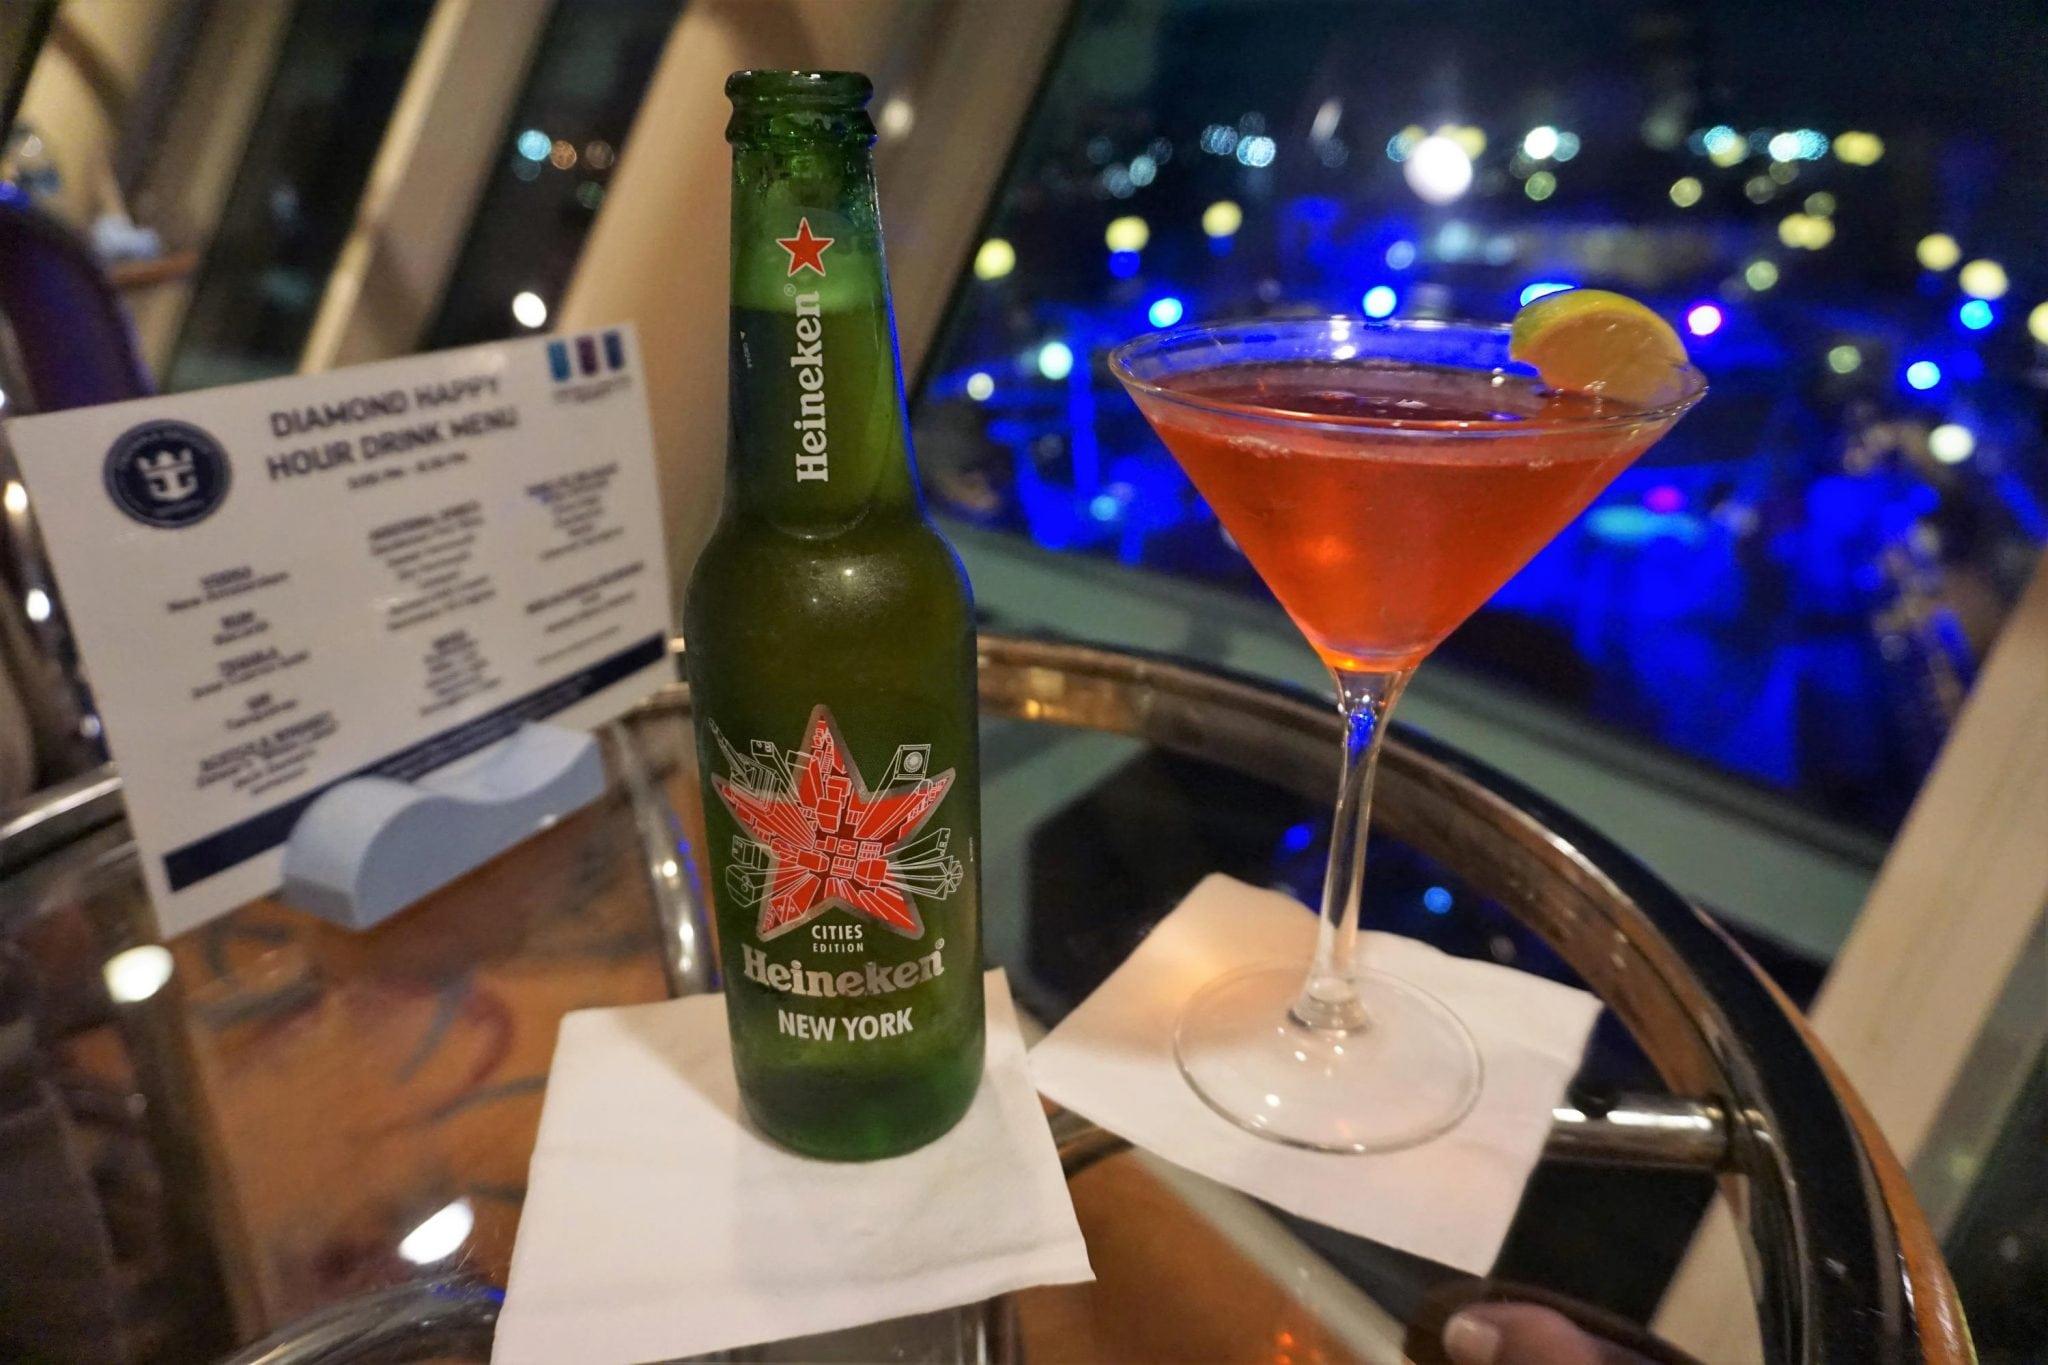 More Diamond Drinks on MAjesty of the Seas